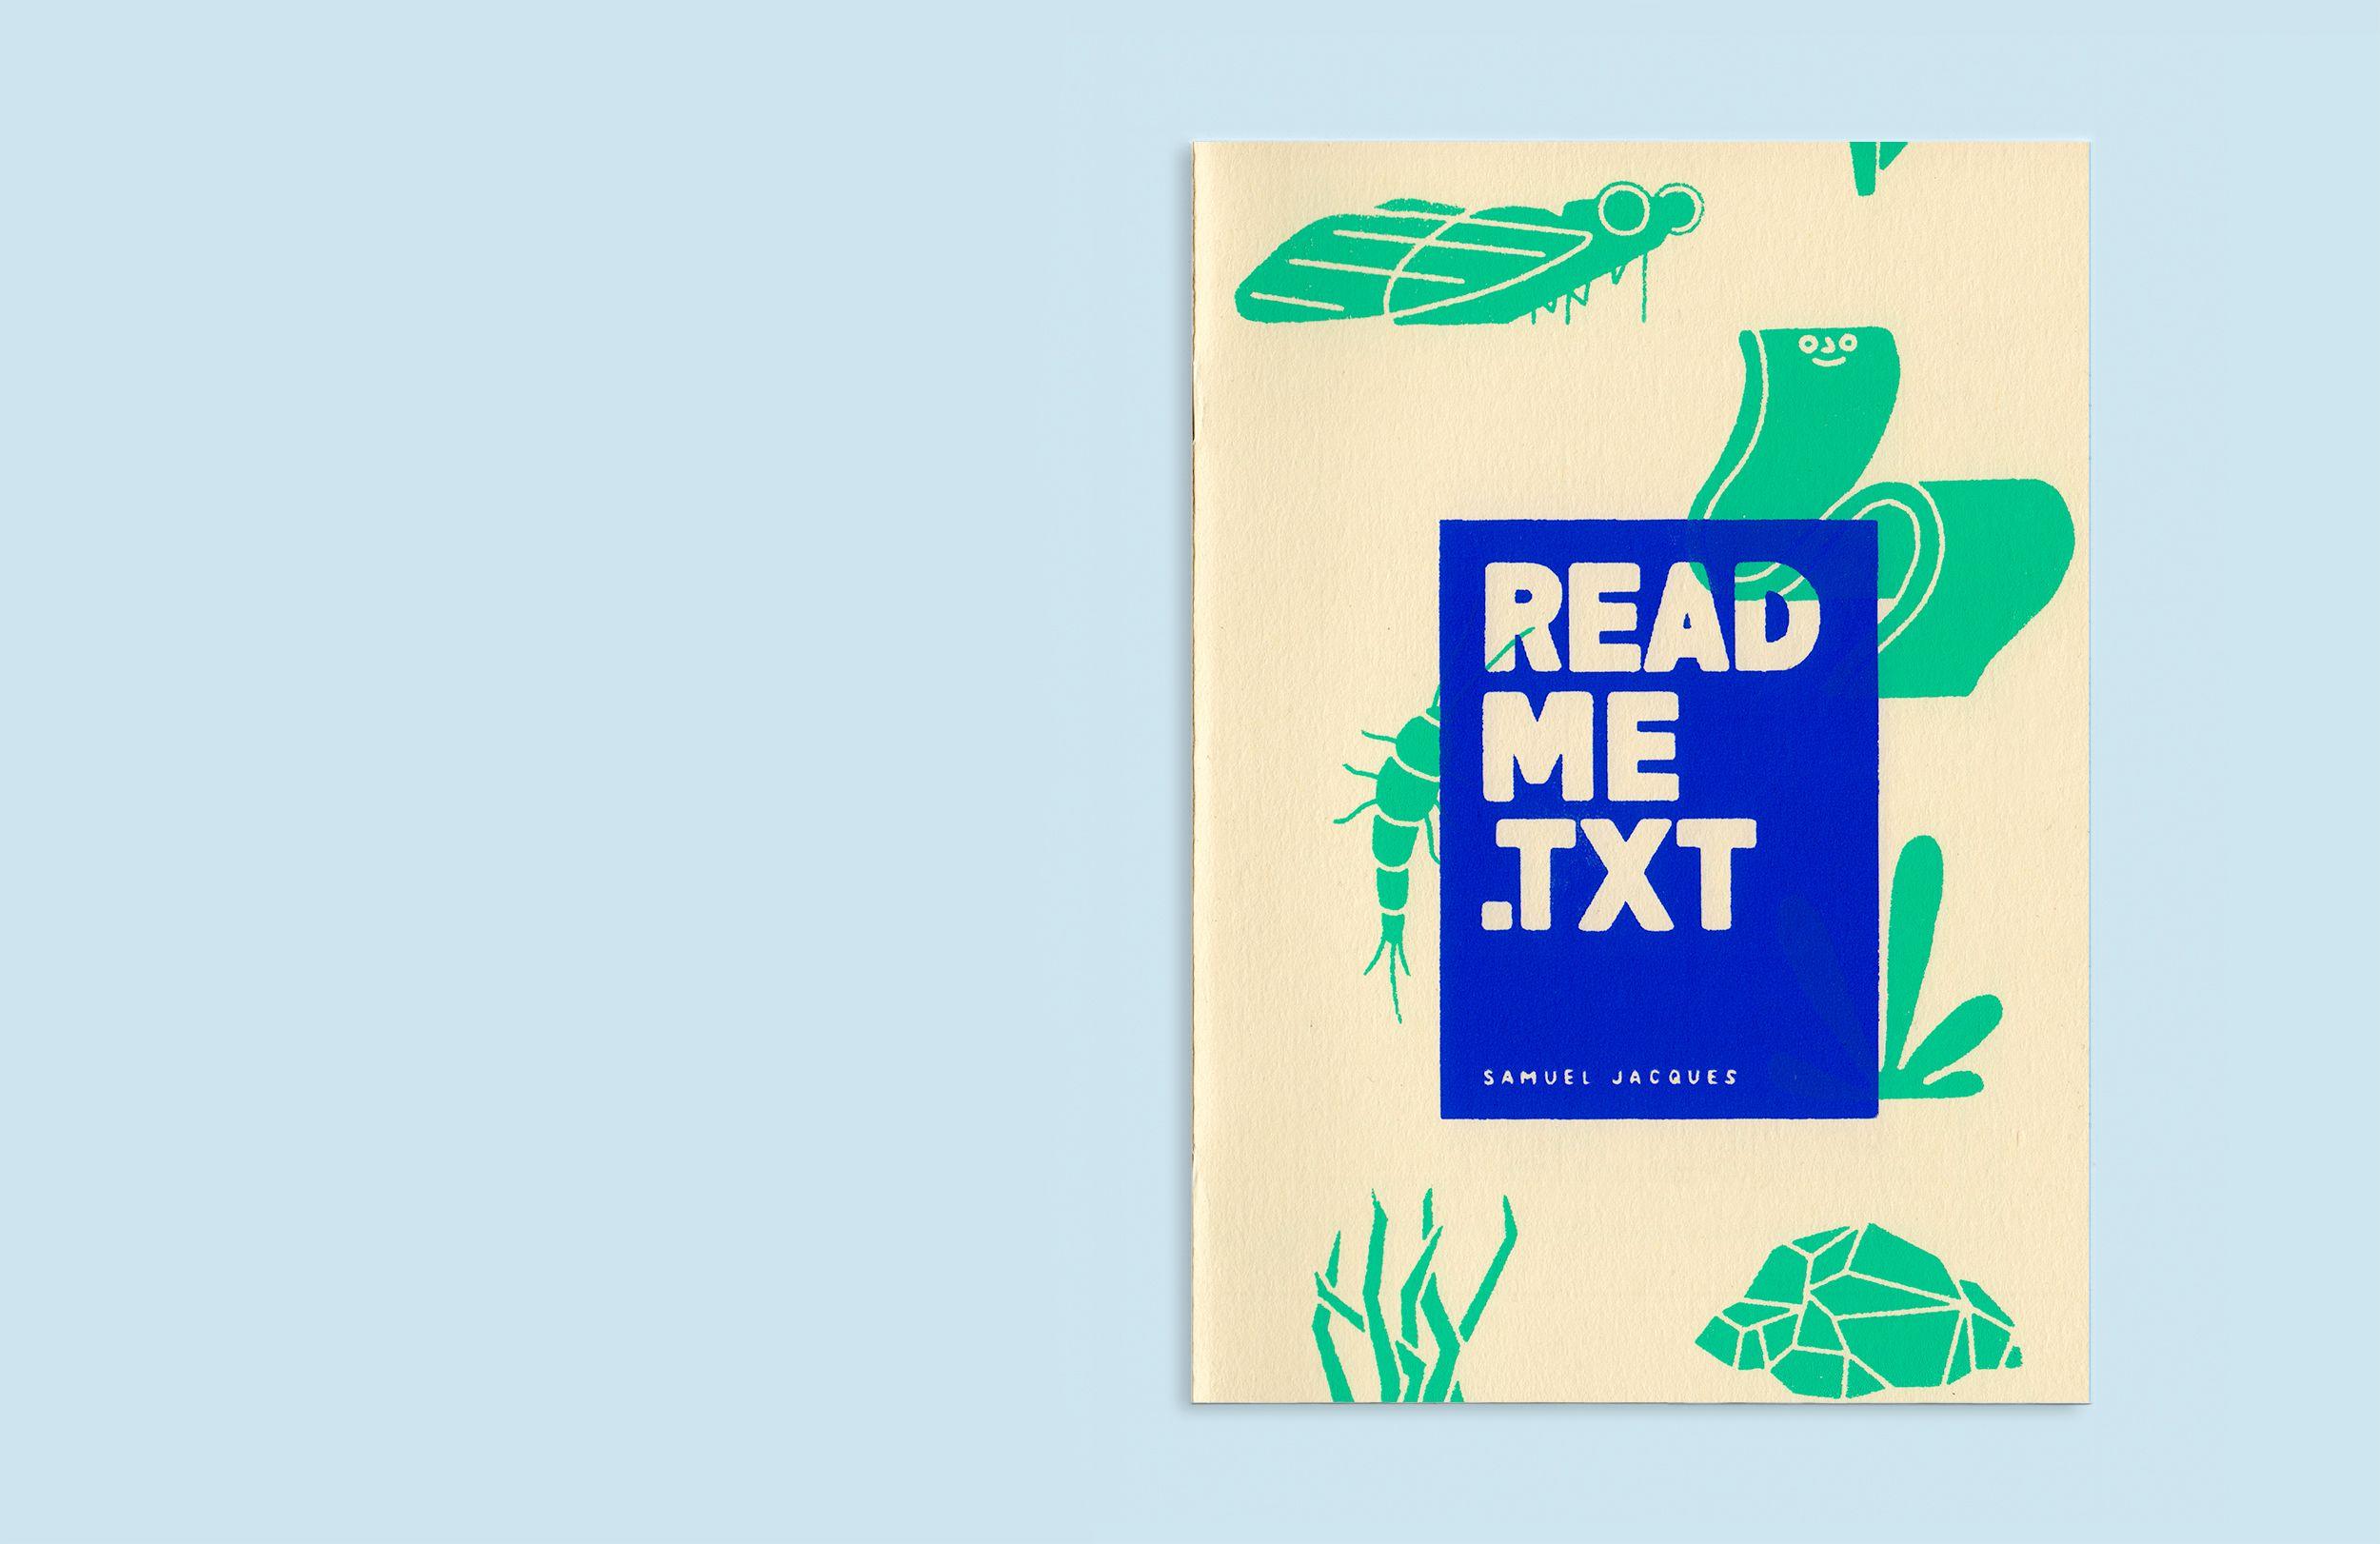 READMETXT on Behance livros bonito Pinterest Zine Behance